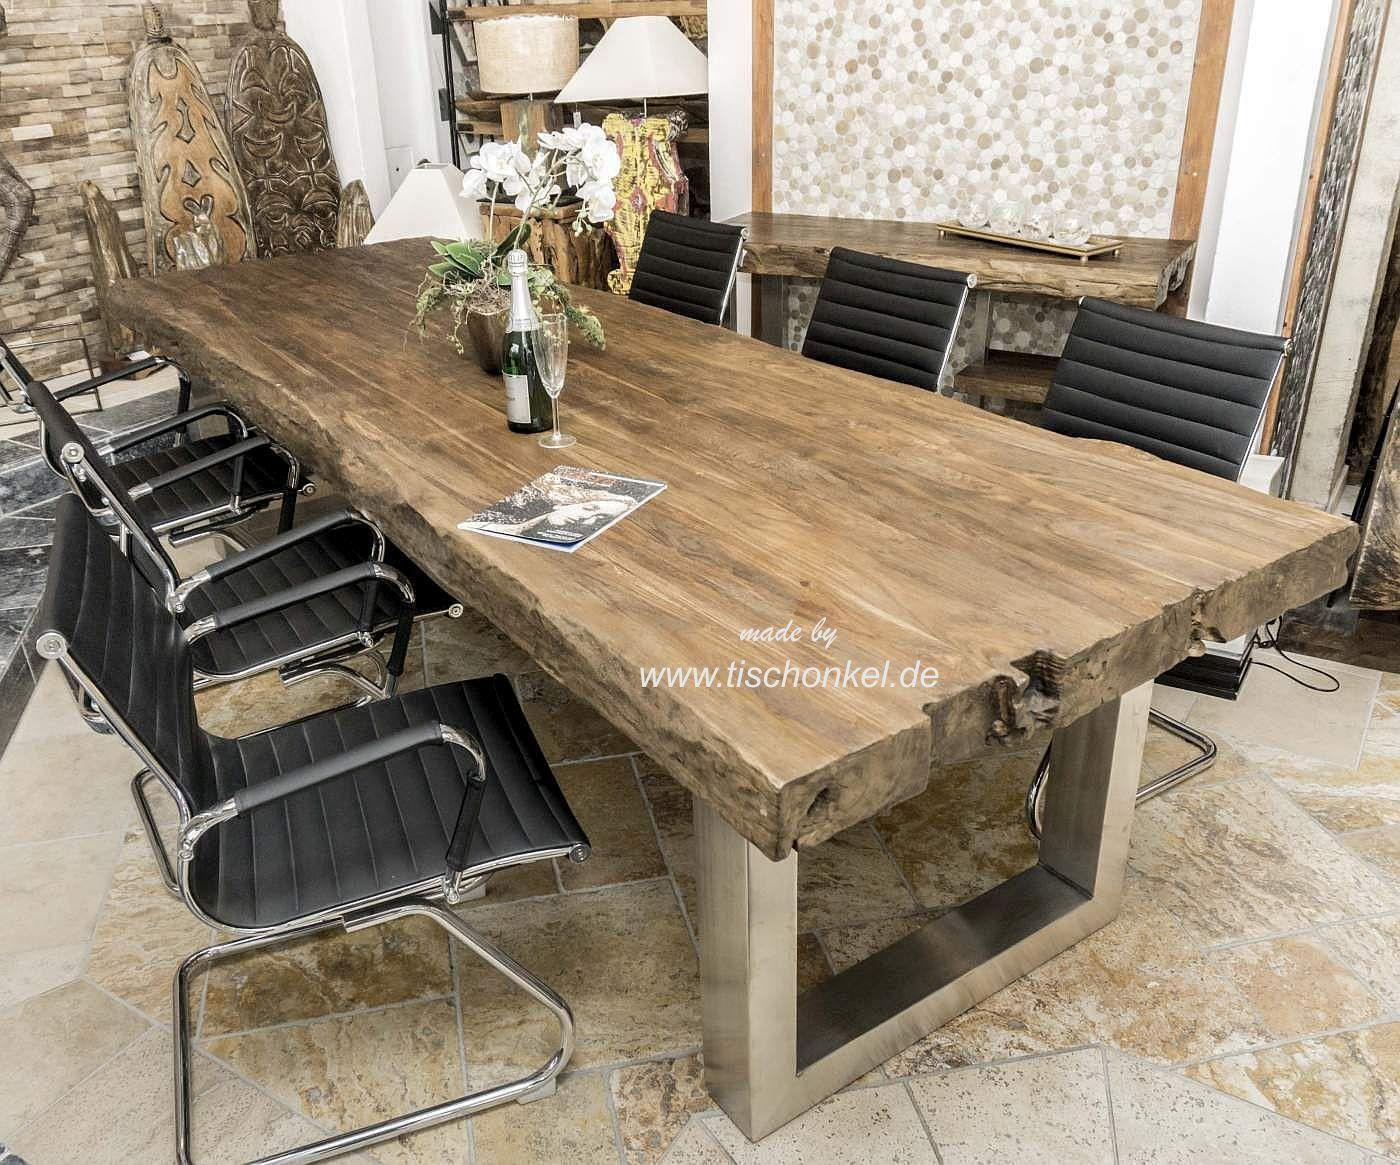 Esstisch für 8 Personen 300x100 cm - Der Tischonkel